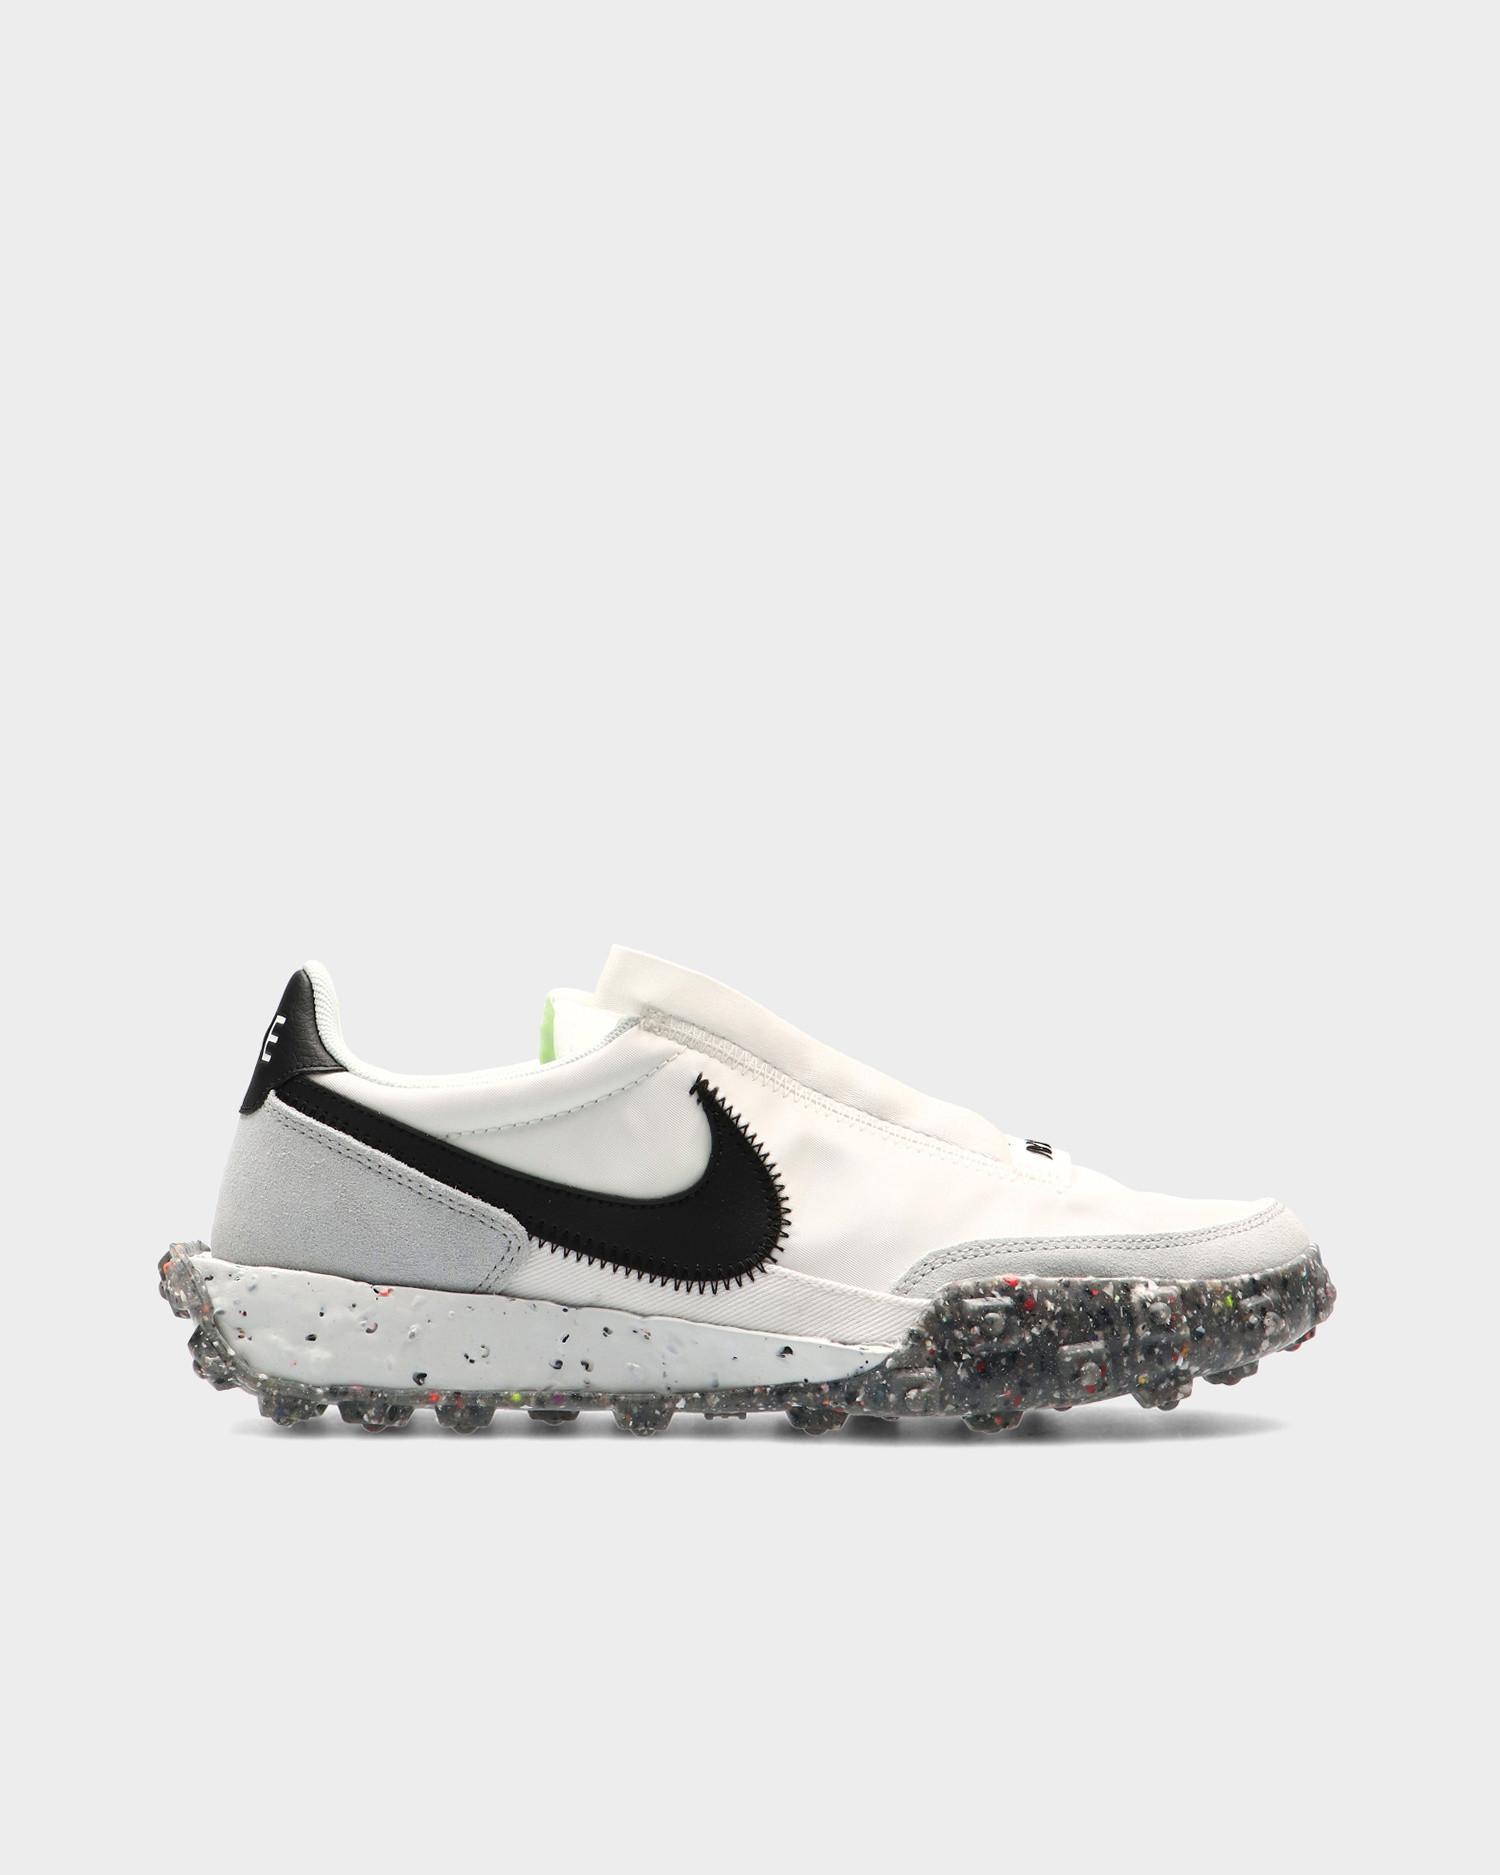 Nike Waffle Racer Crater Smtwht/Black